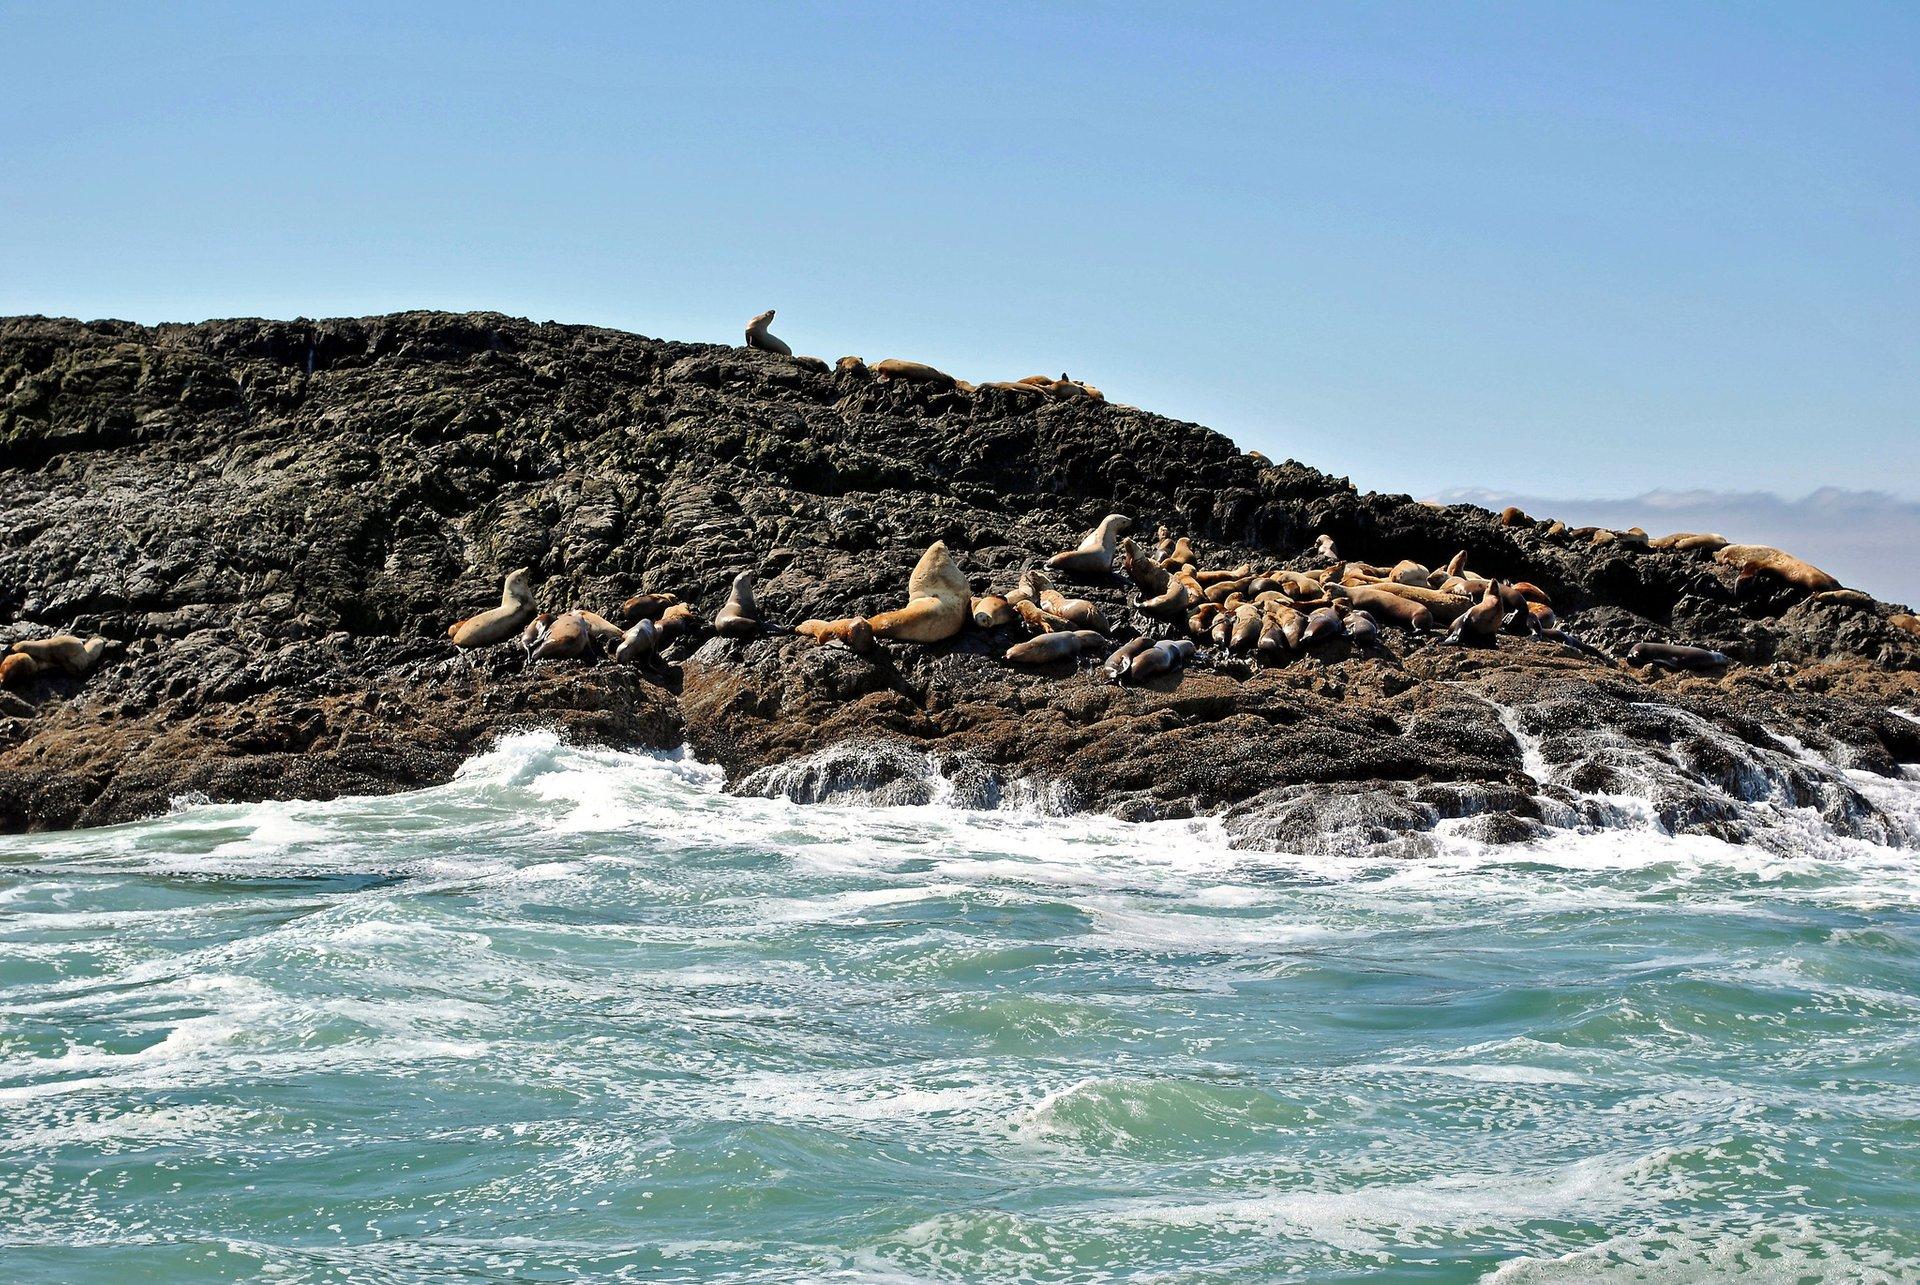 Steller Sea Lions (Eumetopias jubatus) 2020